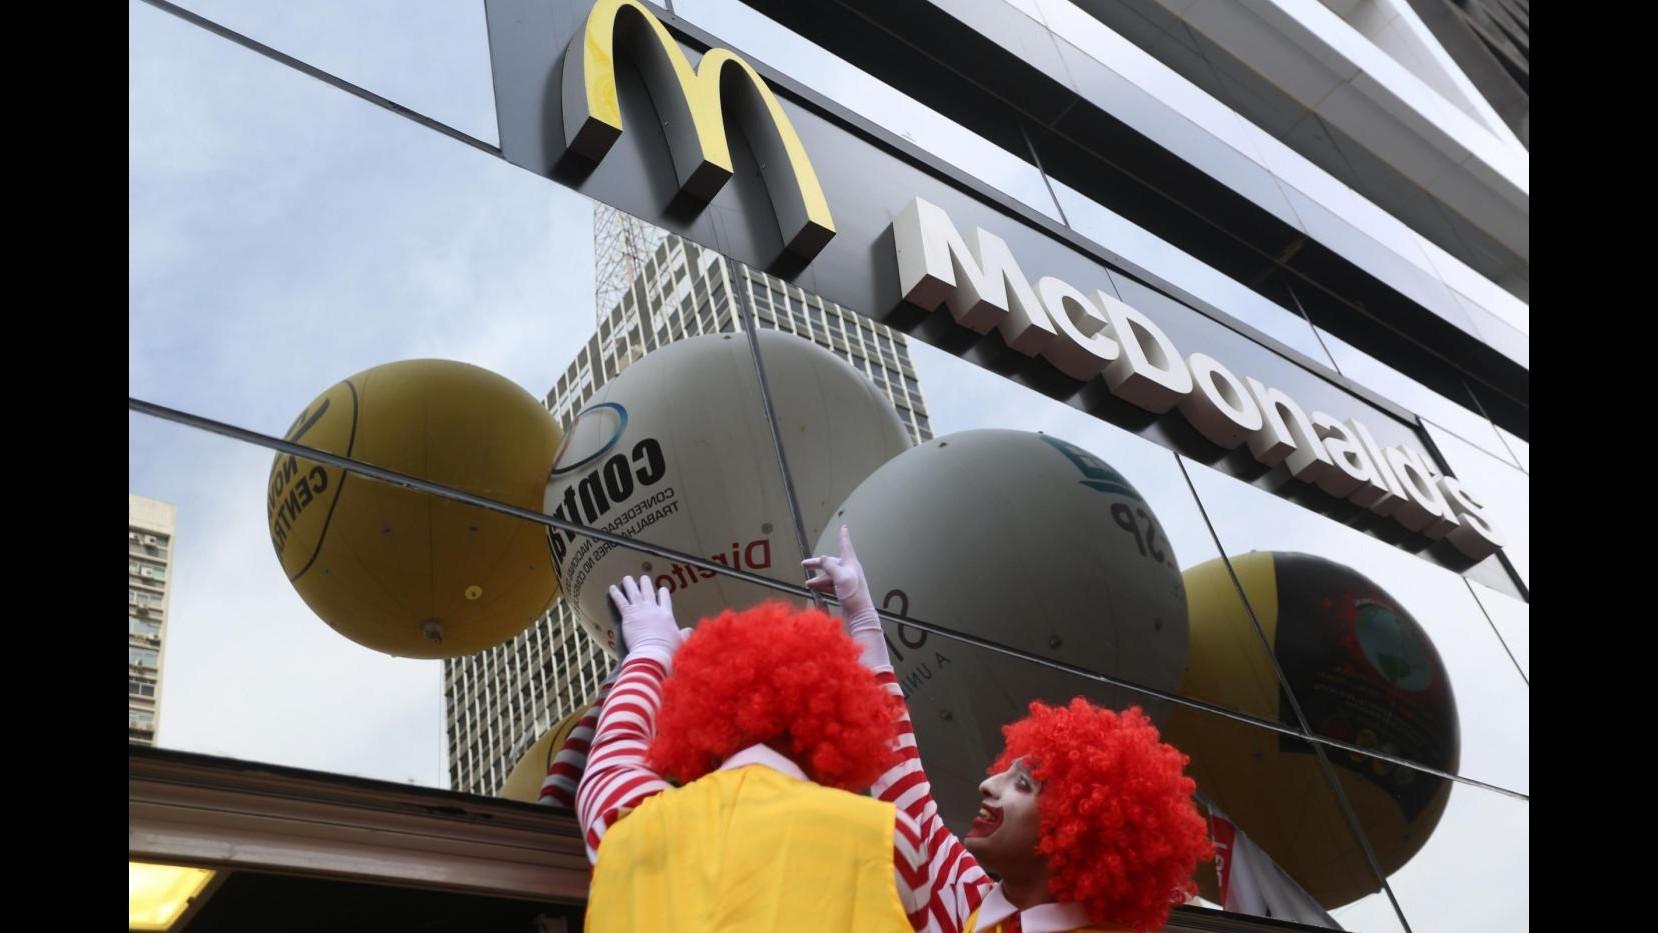 McDonald's, la denuncia: Possibile evasione, deve al Fisco fino a 224 milioni